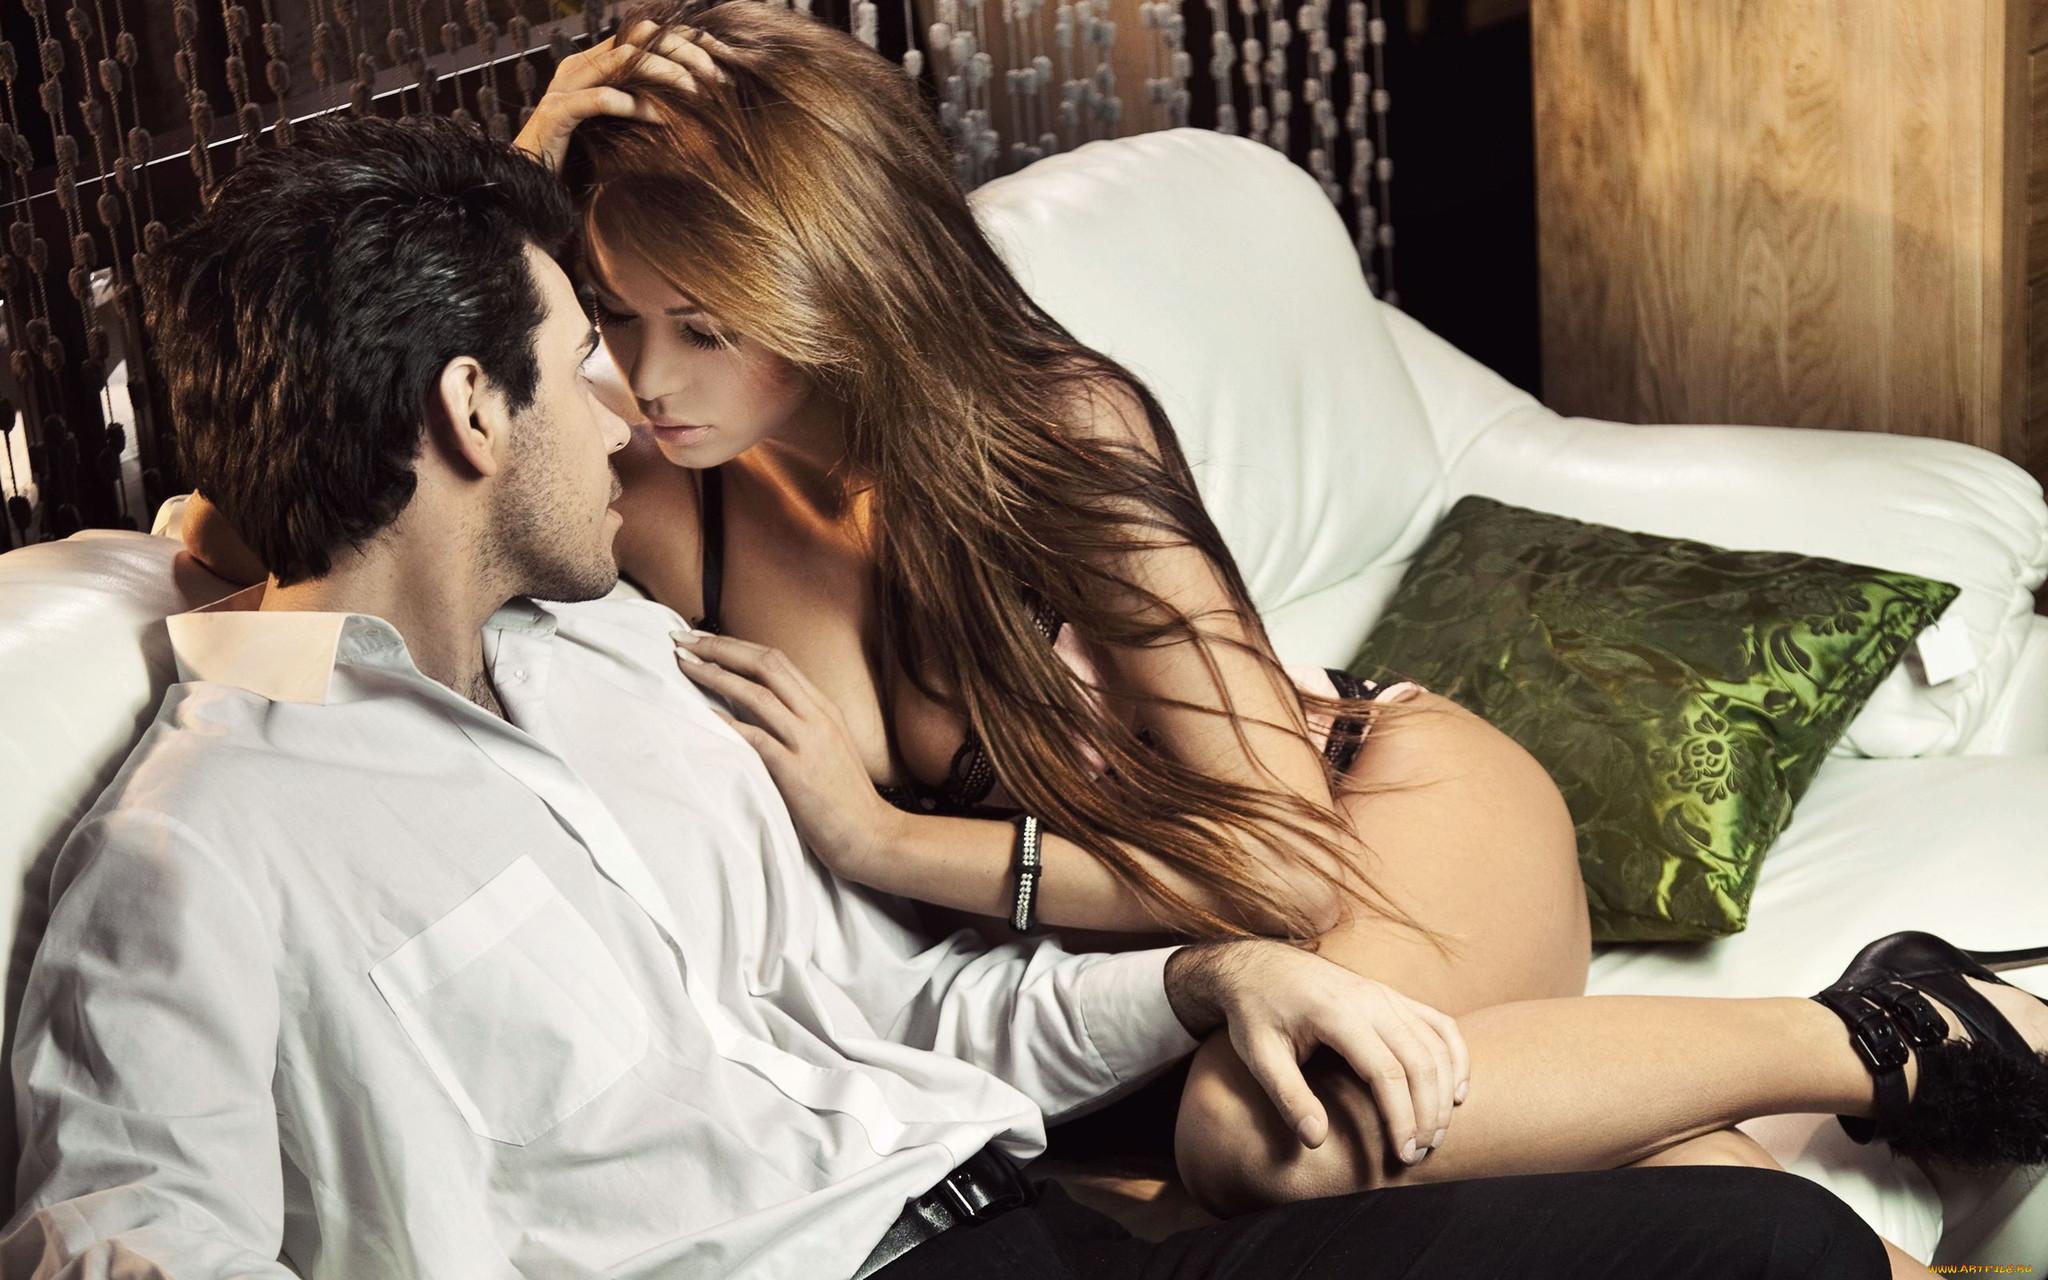 Ролевые игры в стиле бдсм: добавление остроты в сексуальные отношения